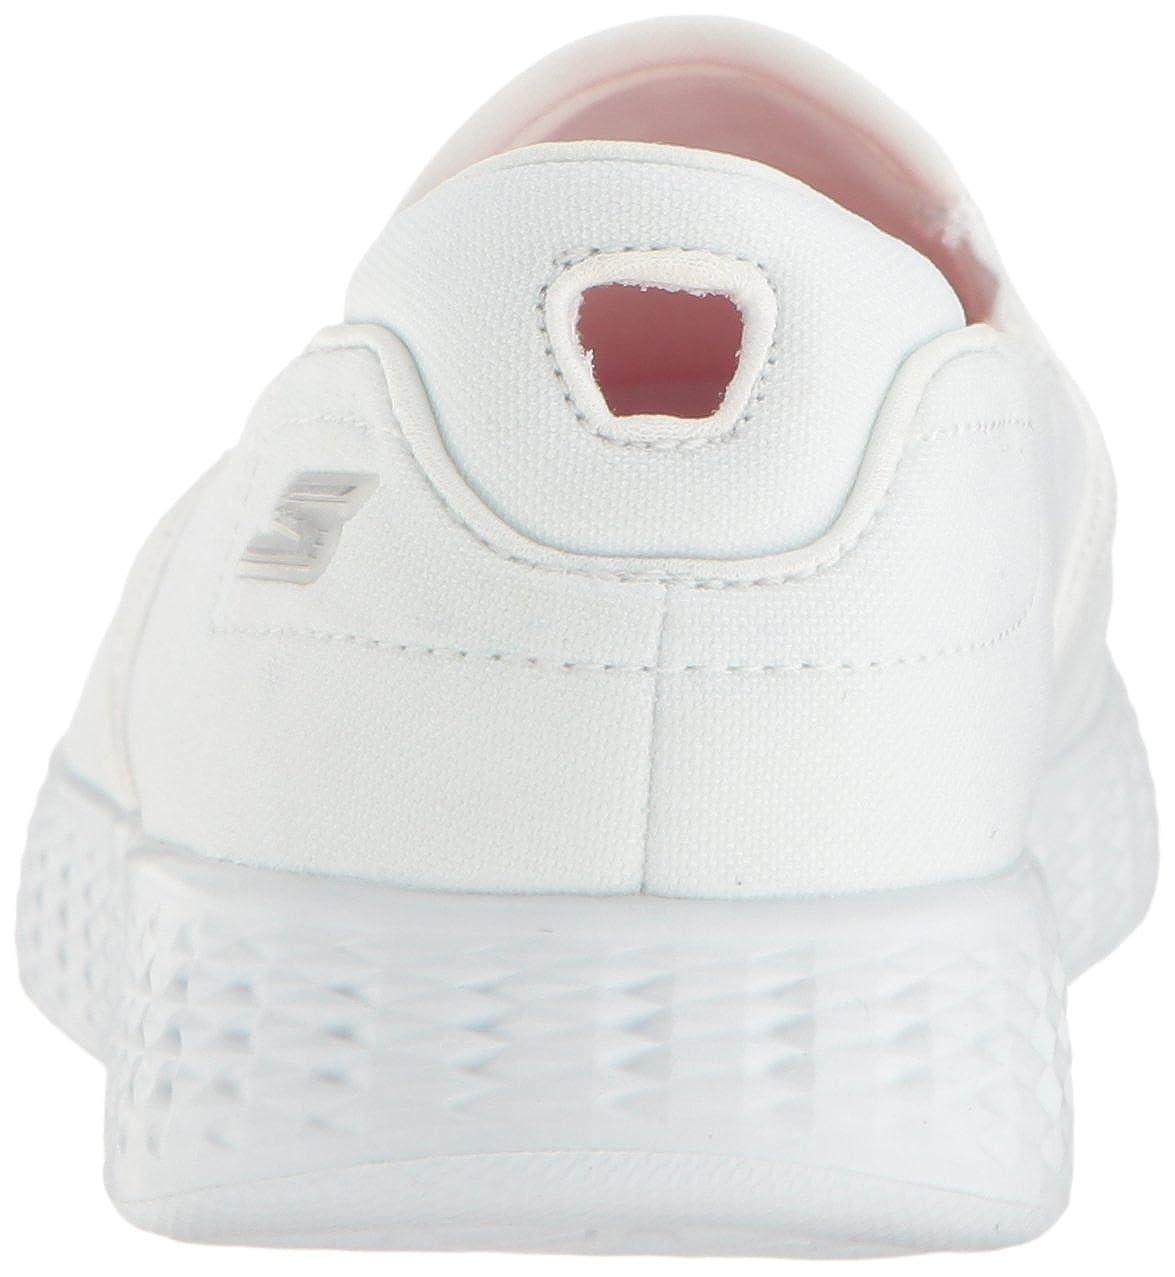 Skechers Damen On-The-go - Mist Tennisschuhe White